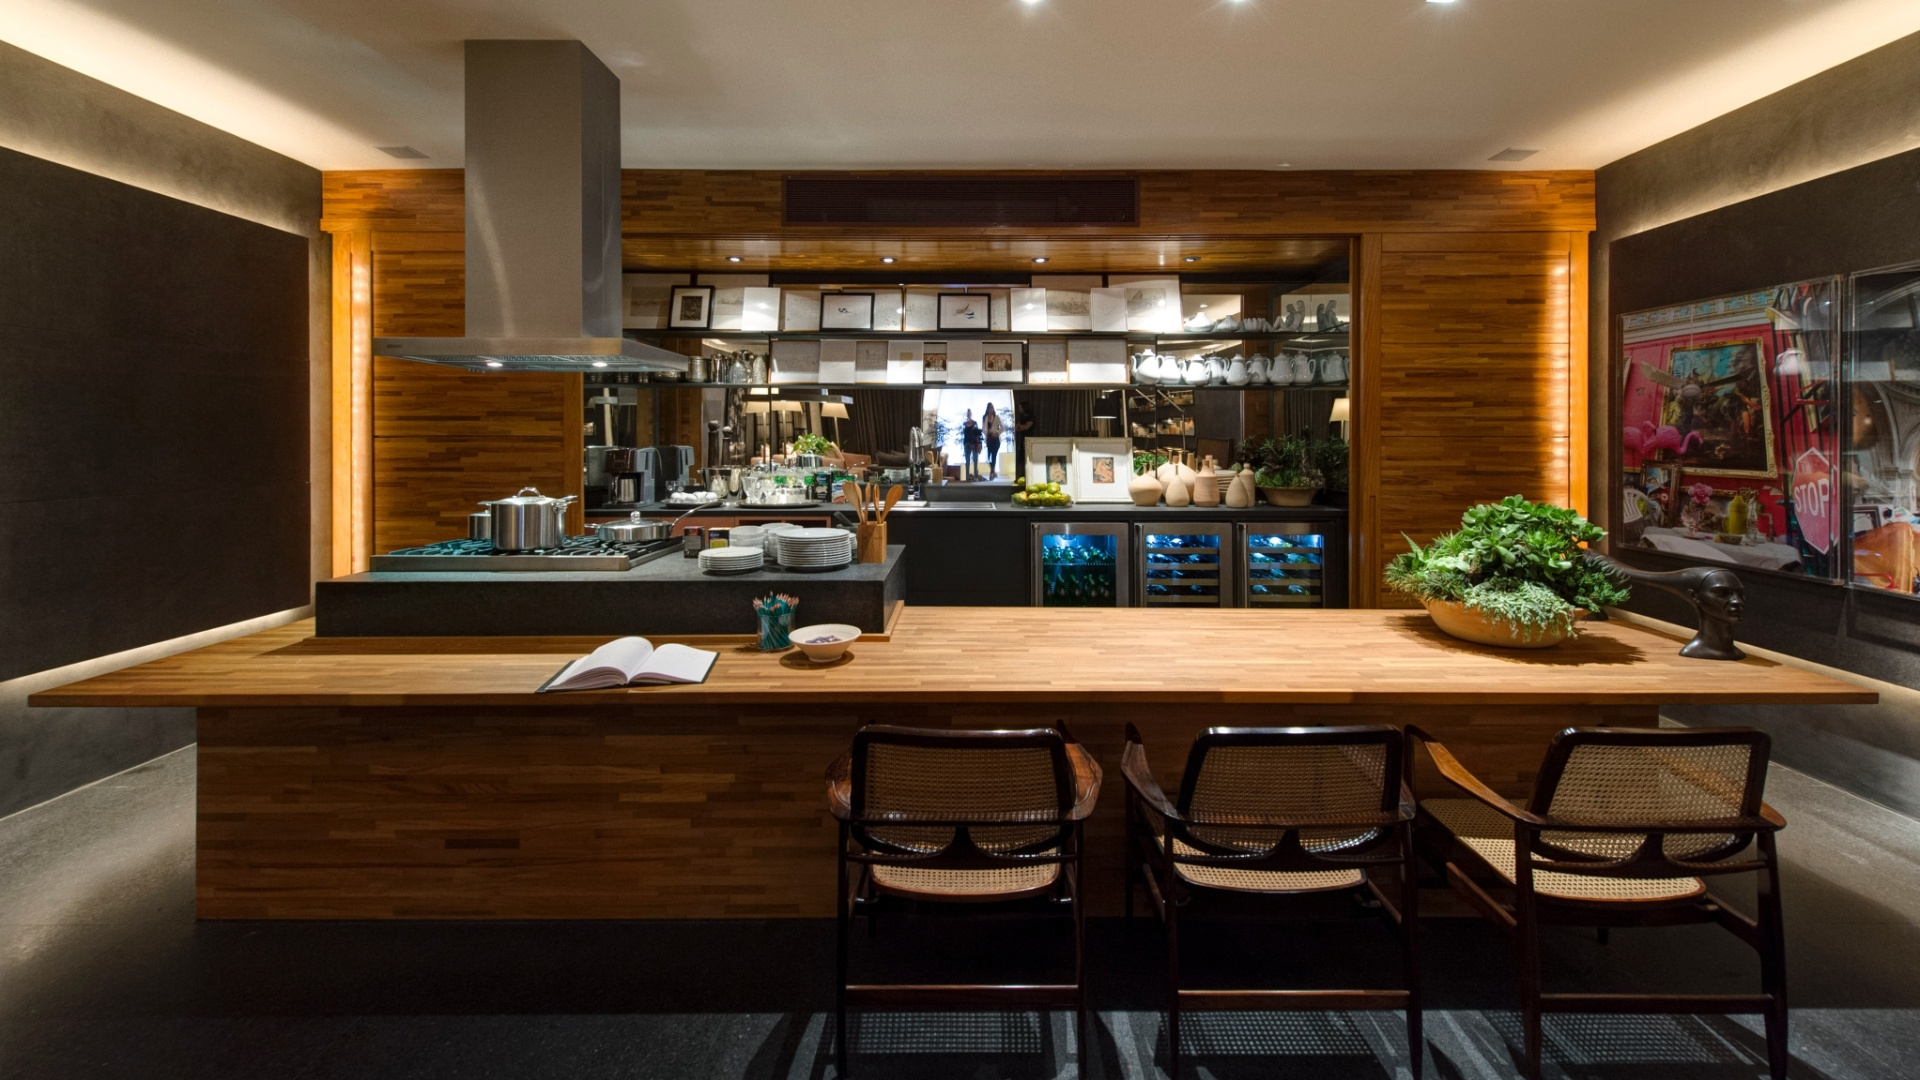 modelos de bancadas de madeira na cozinha 8 #A76924 1920x1080